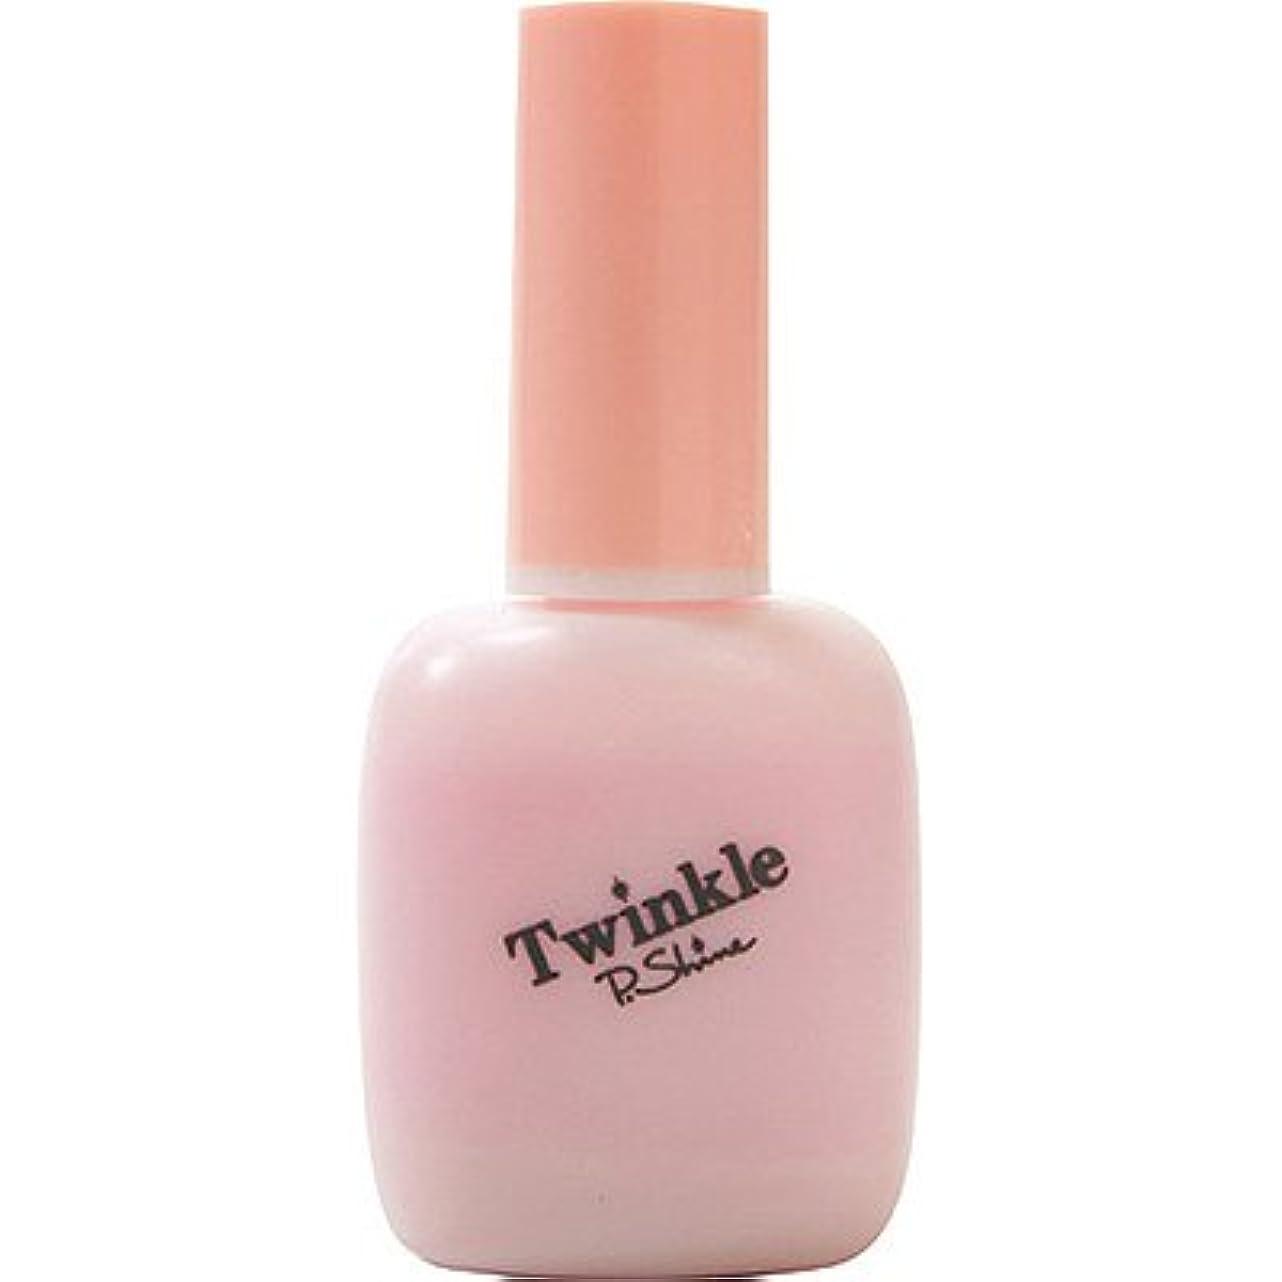 欺推定責めるP. Shine トゥインクル(ネイル磨き) 31ml 液状の爪磨き